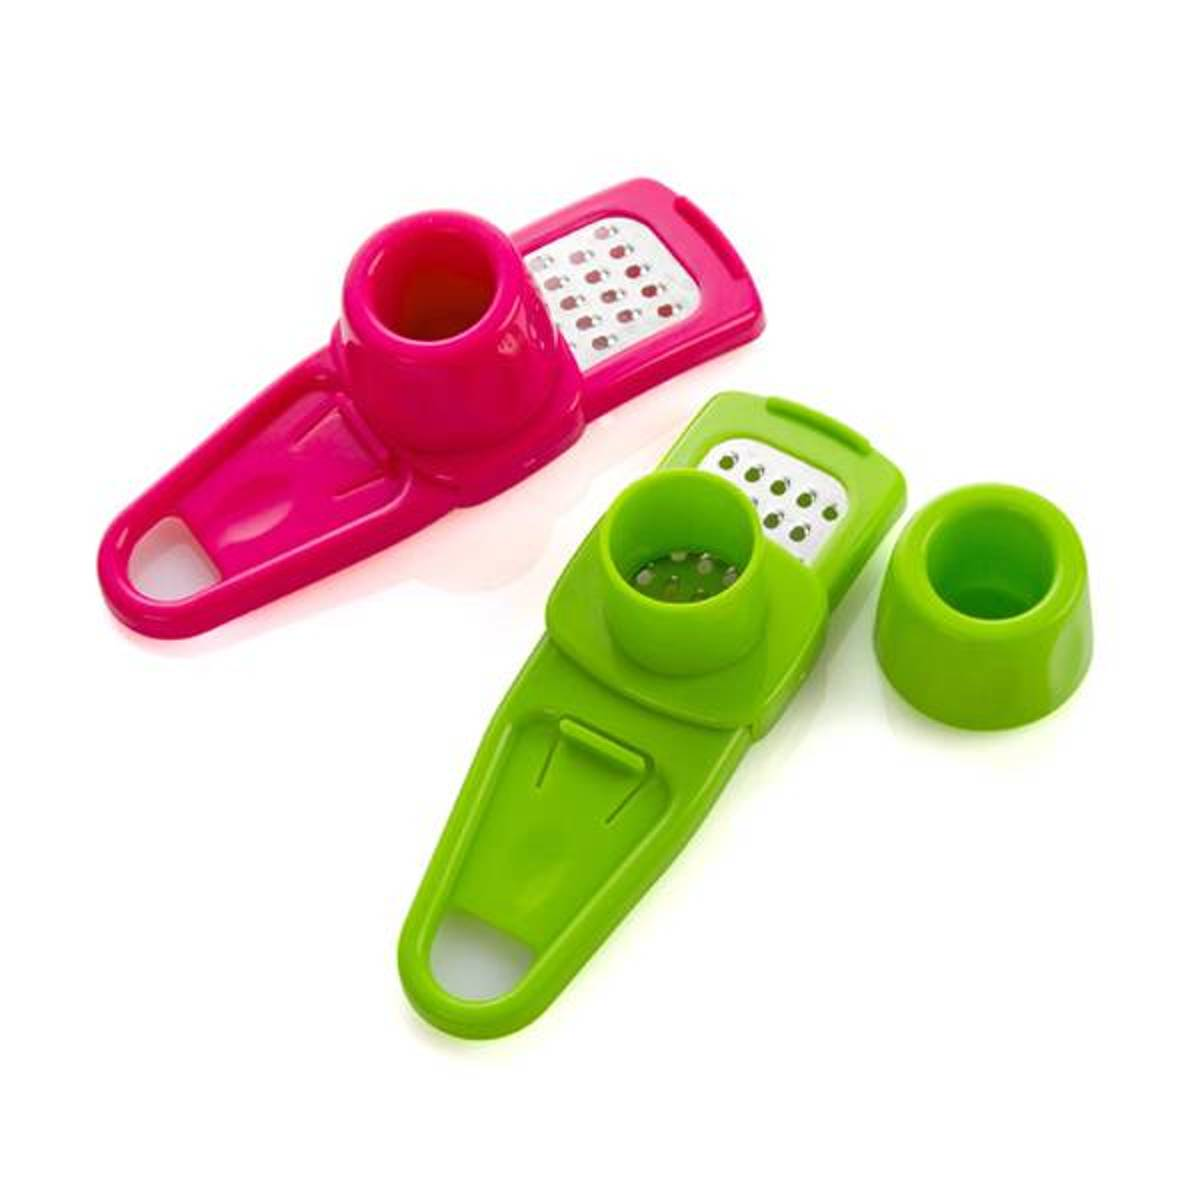 Knoflookpers |Gemberpers |knoflookrasp  |Knoflookschaaf | Gemberschaaf | Groen kopen